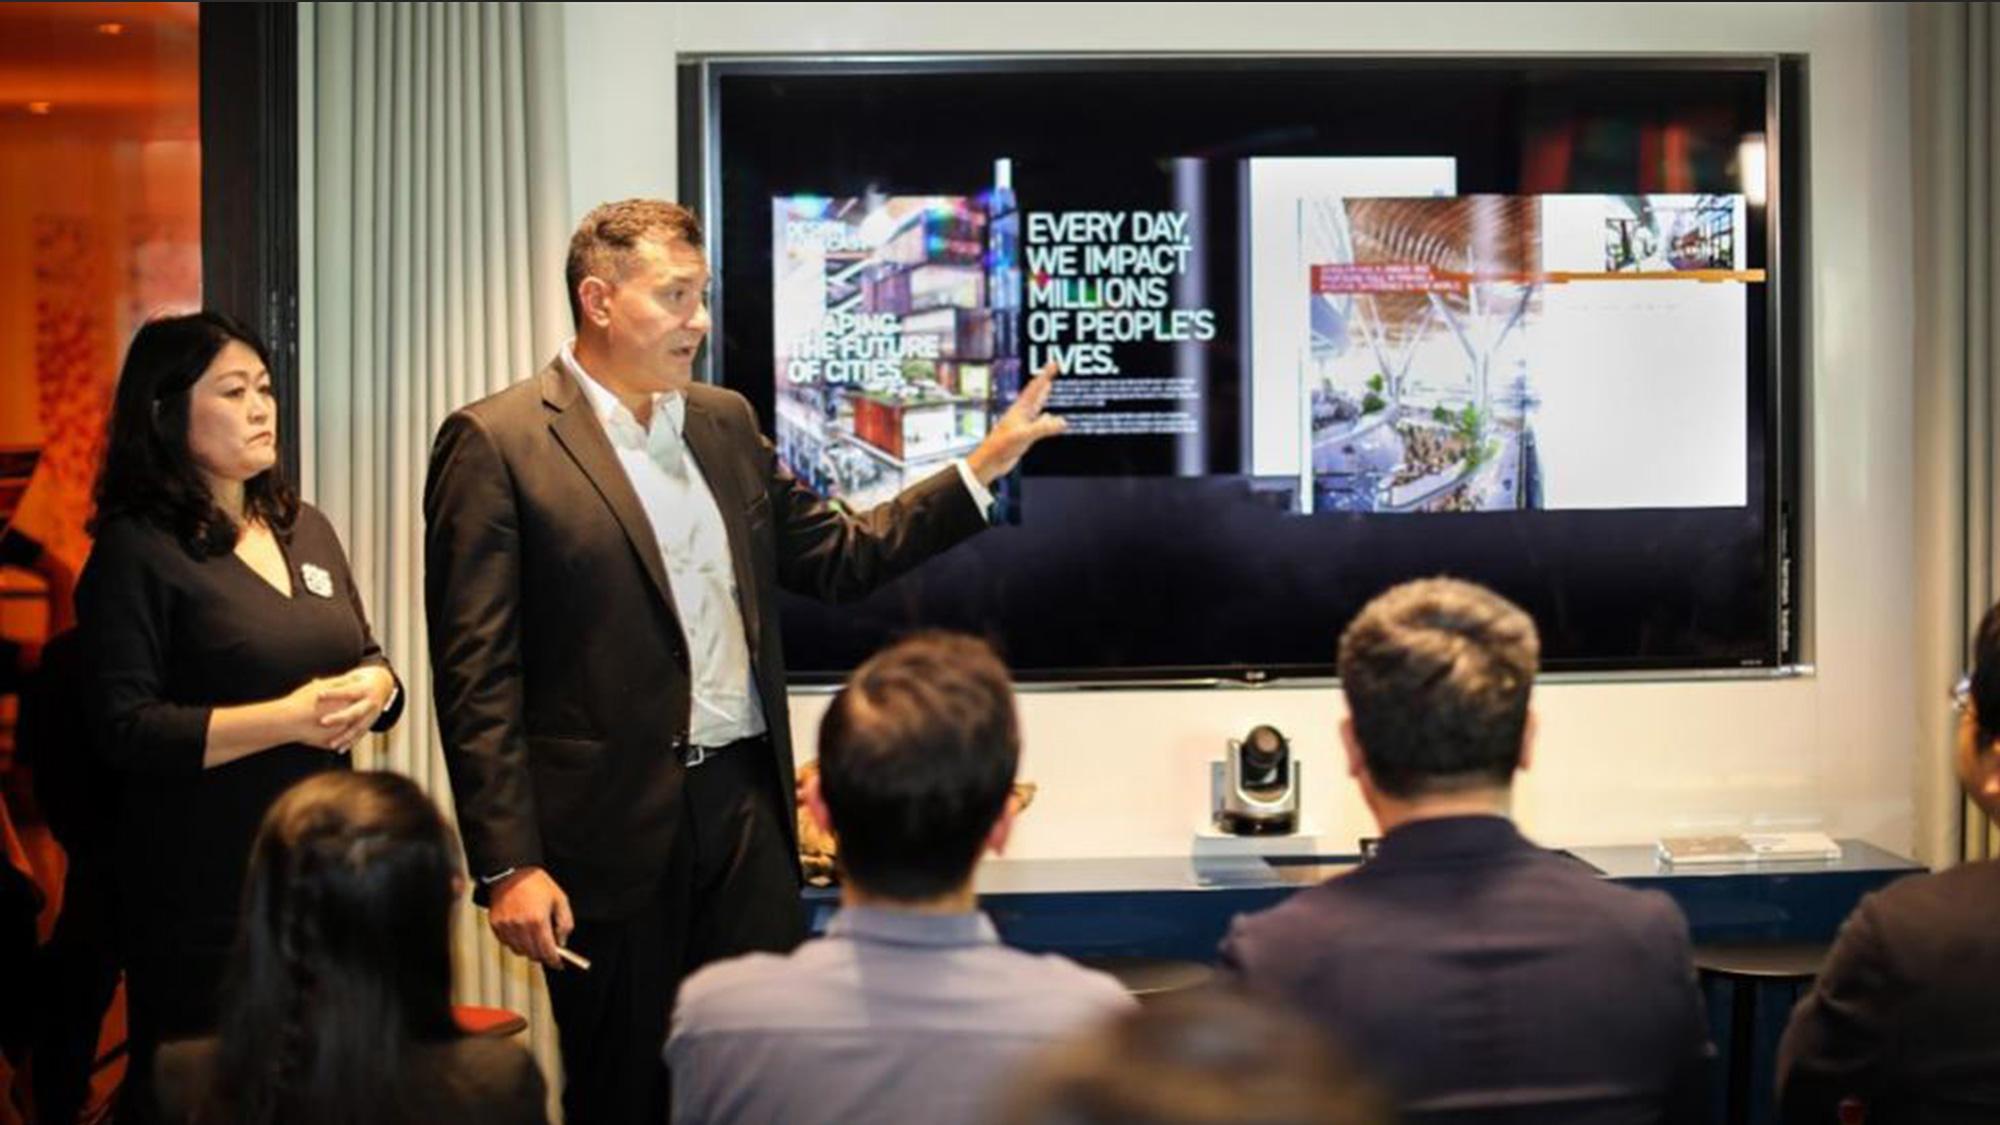 Gensler China leaders deliver the opening presentation for Gensler Bejing's Design Forecast Local event